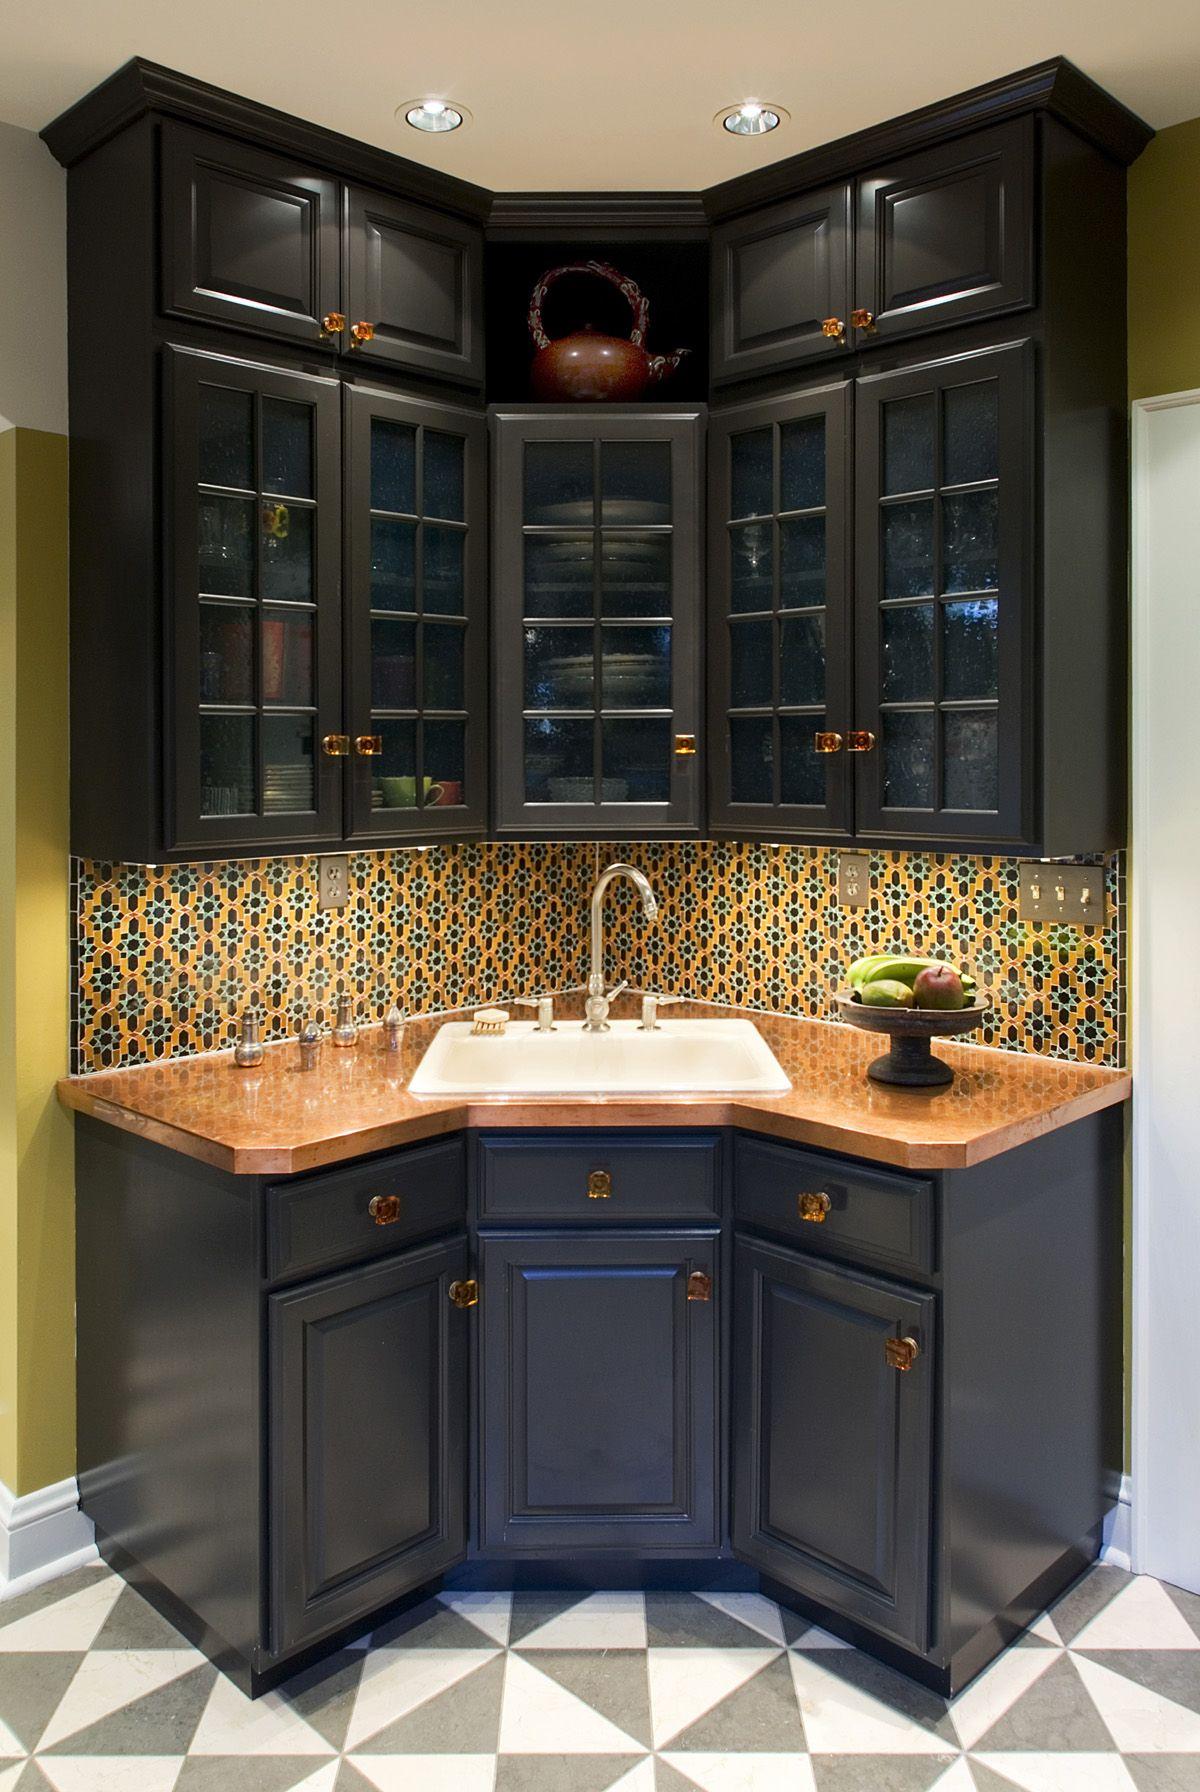 Corner window kitchen sink  close this window when finished  kitchens  pinterest  basement